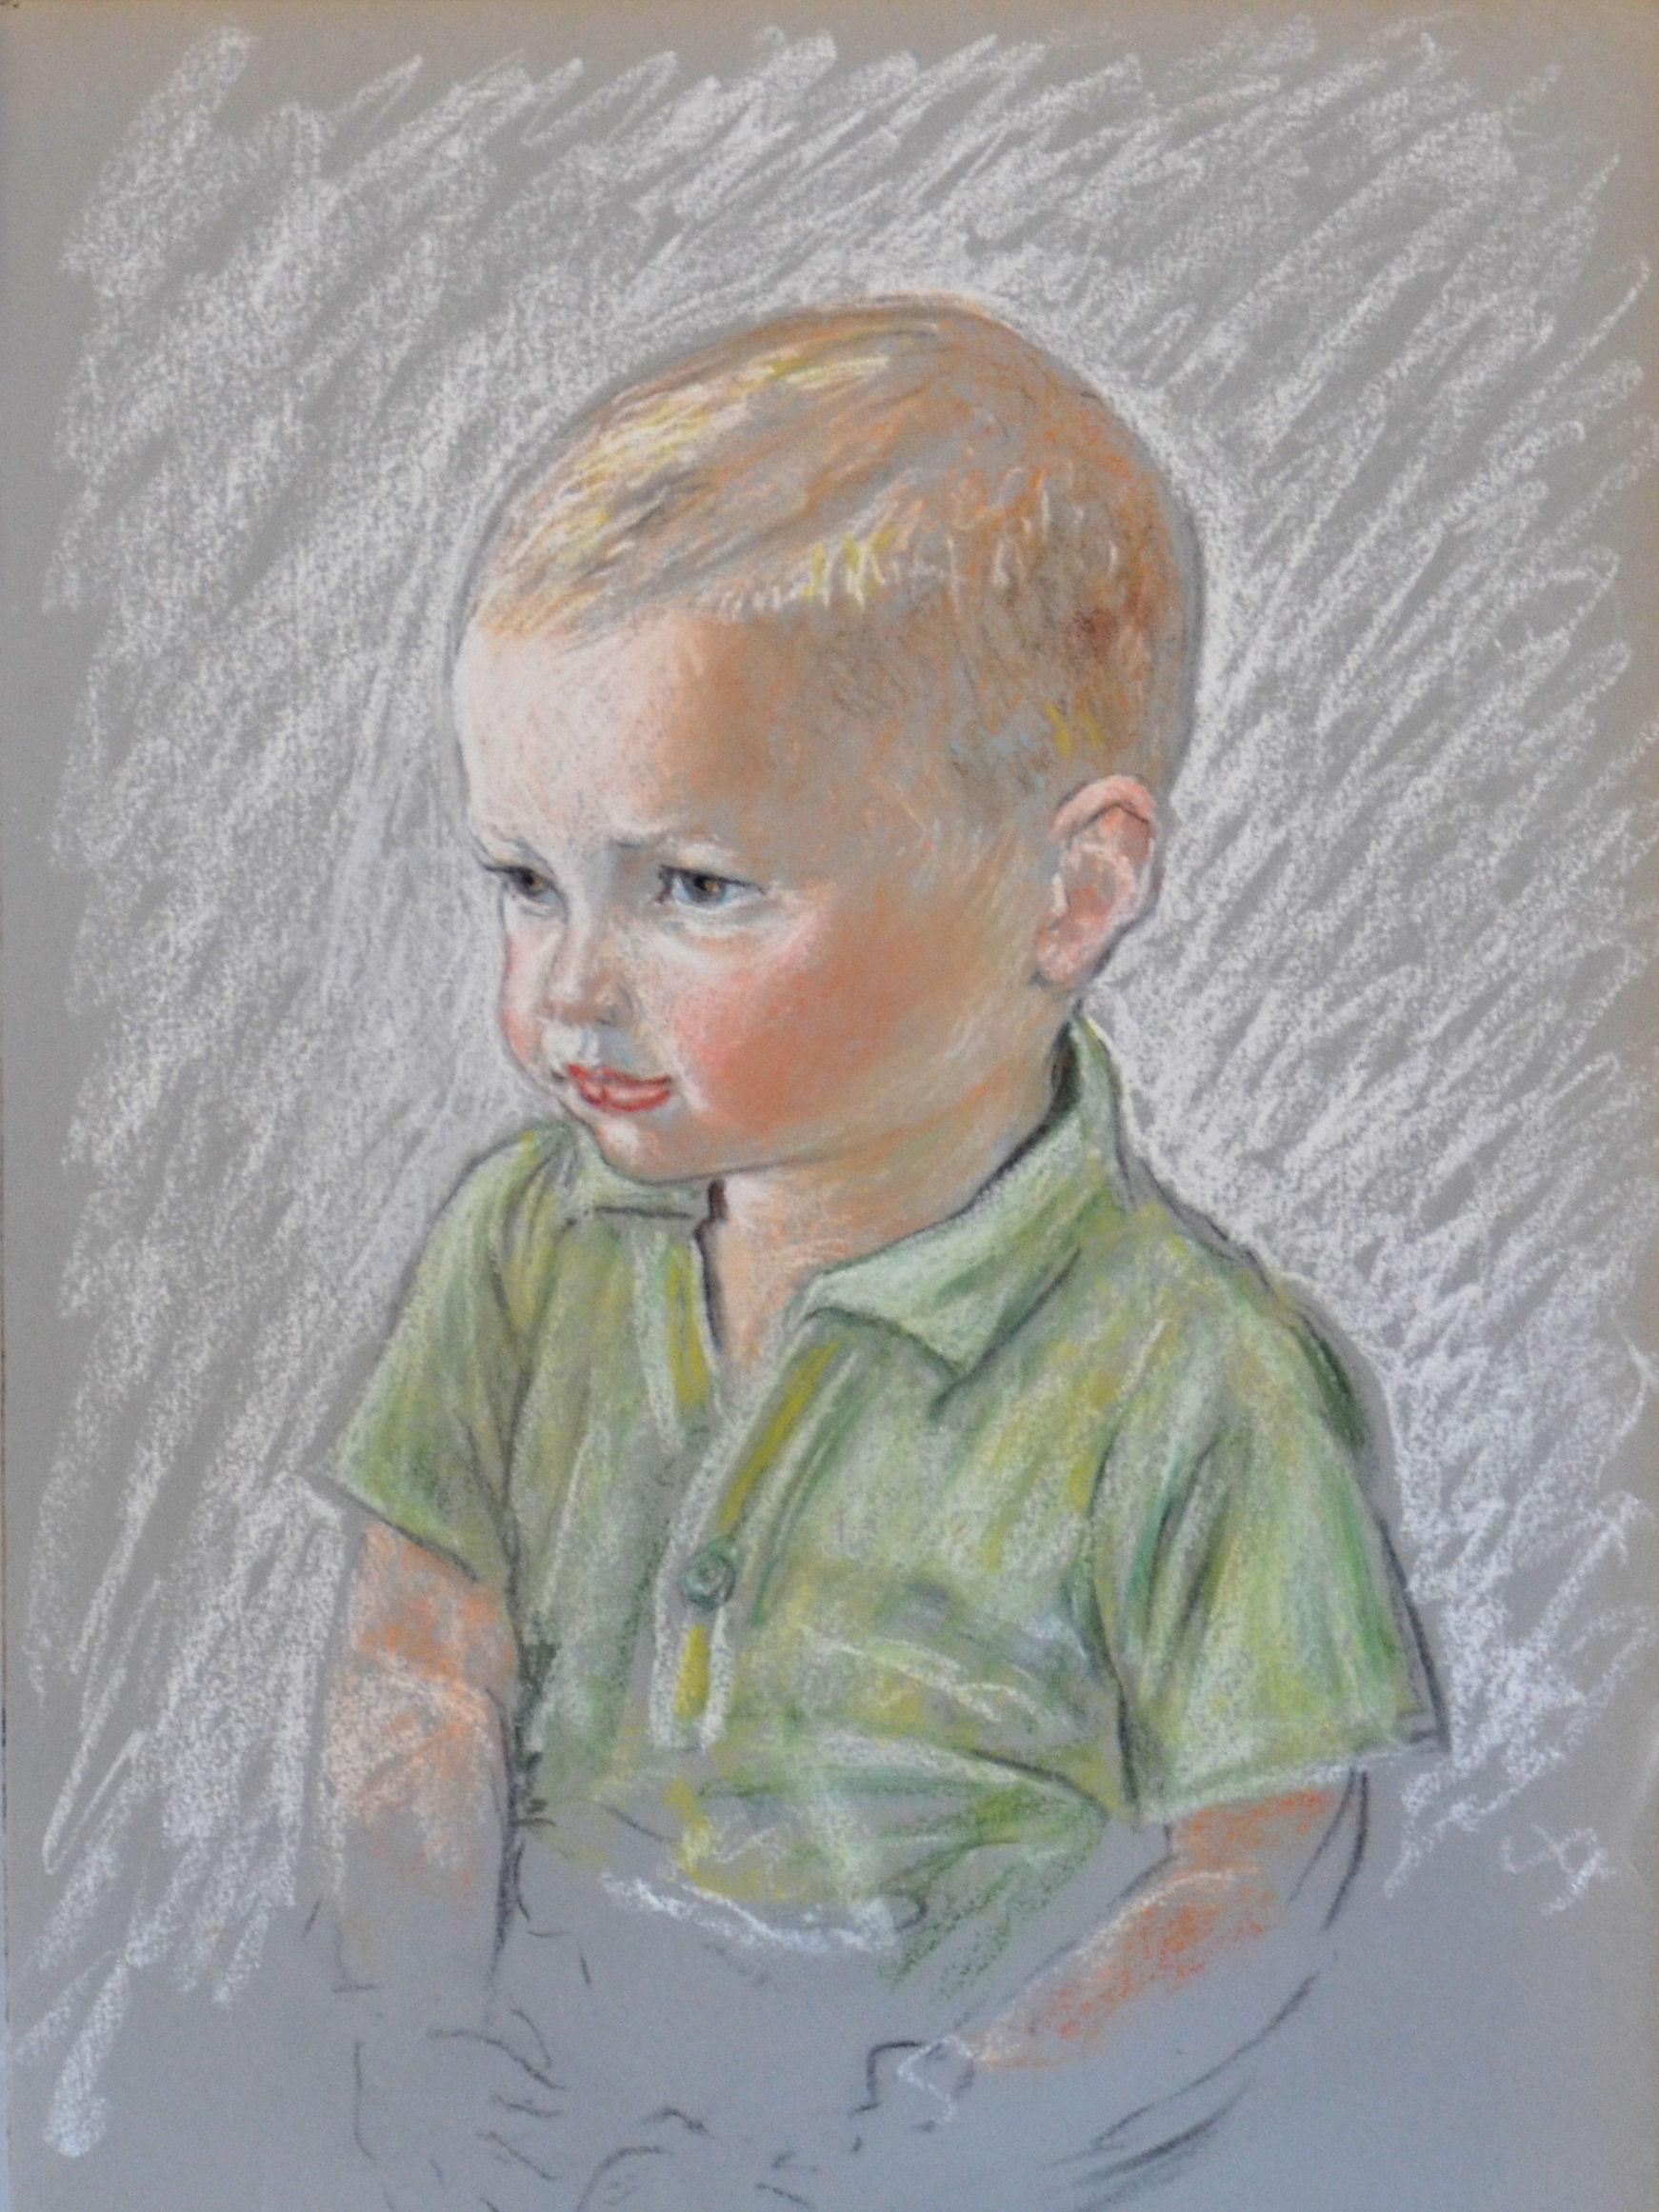 13. Ritratto di bambino anni 60 pastello su carta